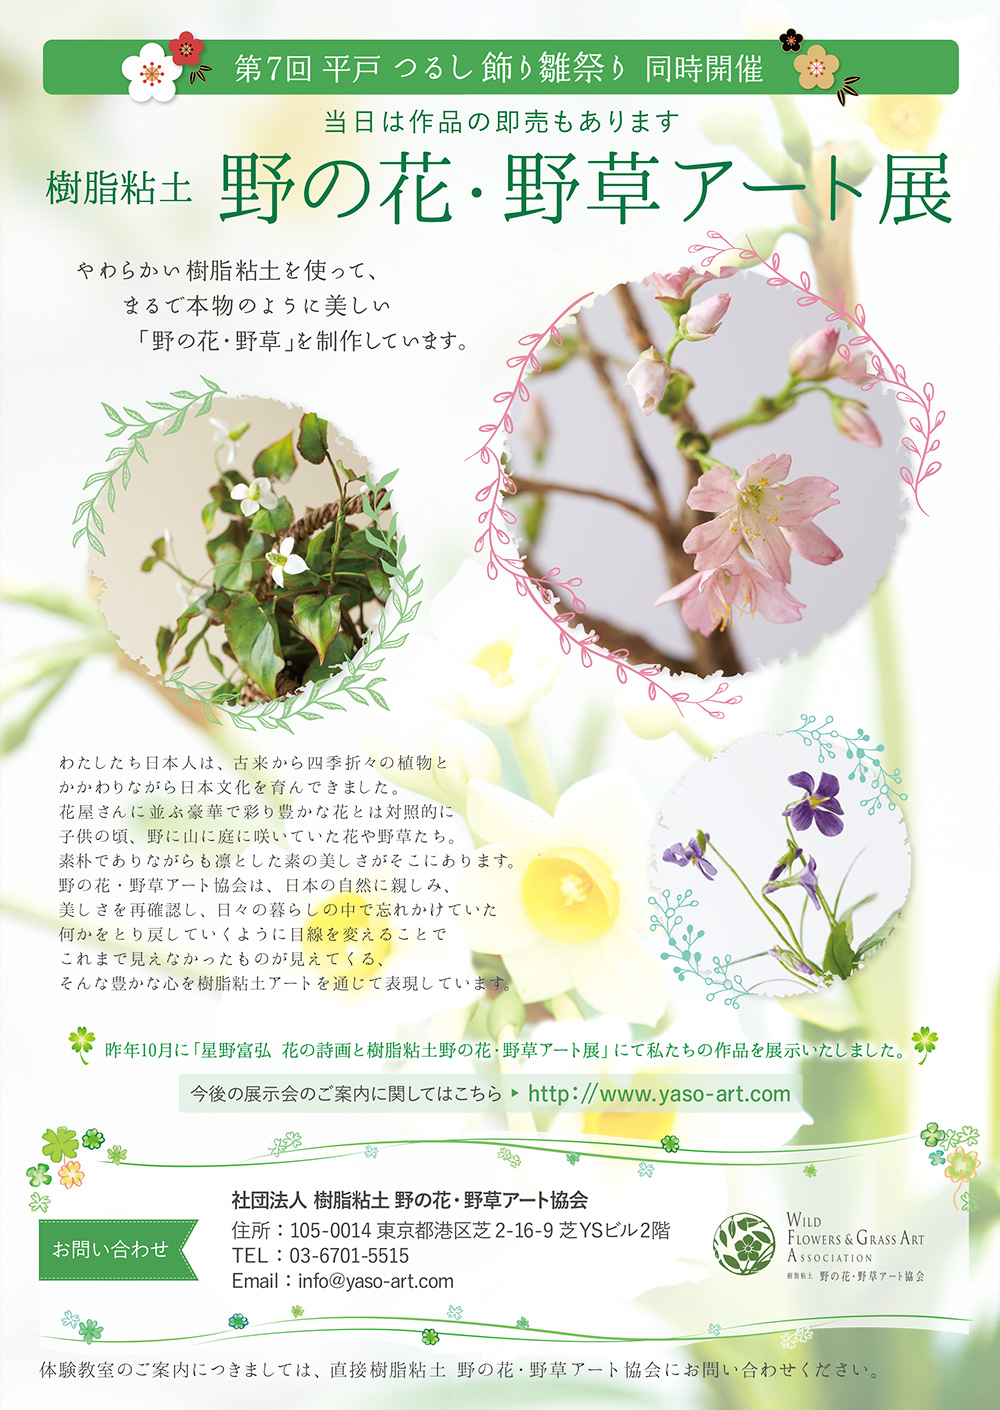 2_野の花・野草アート展